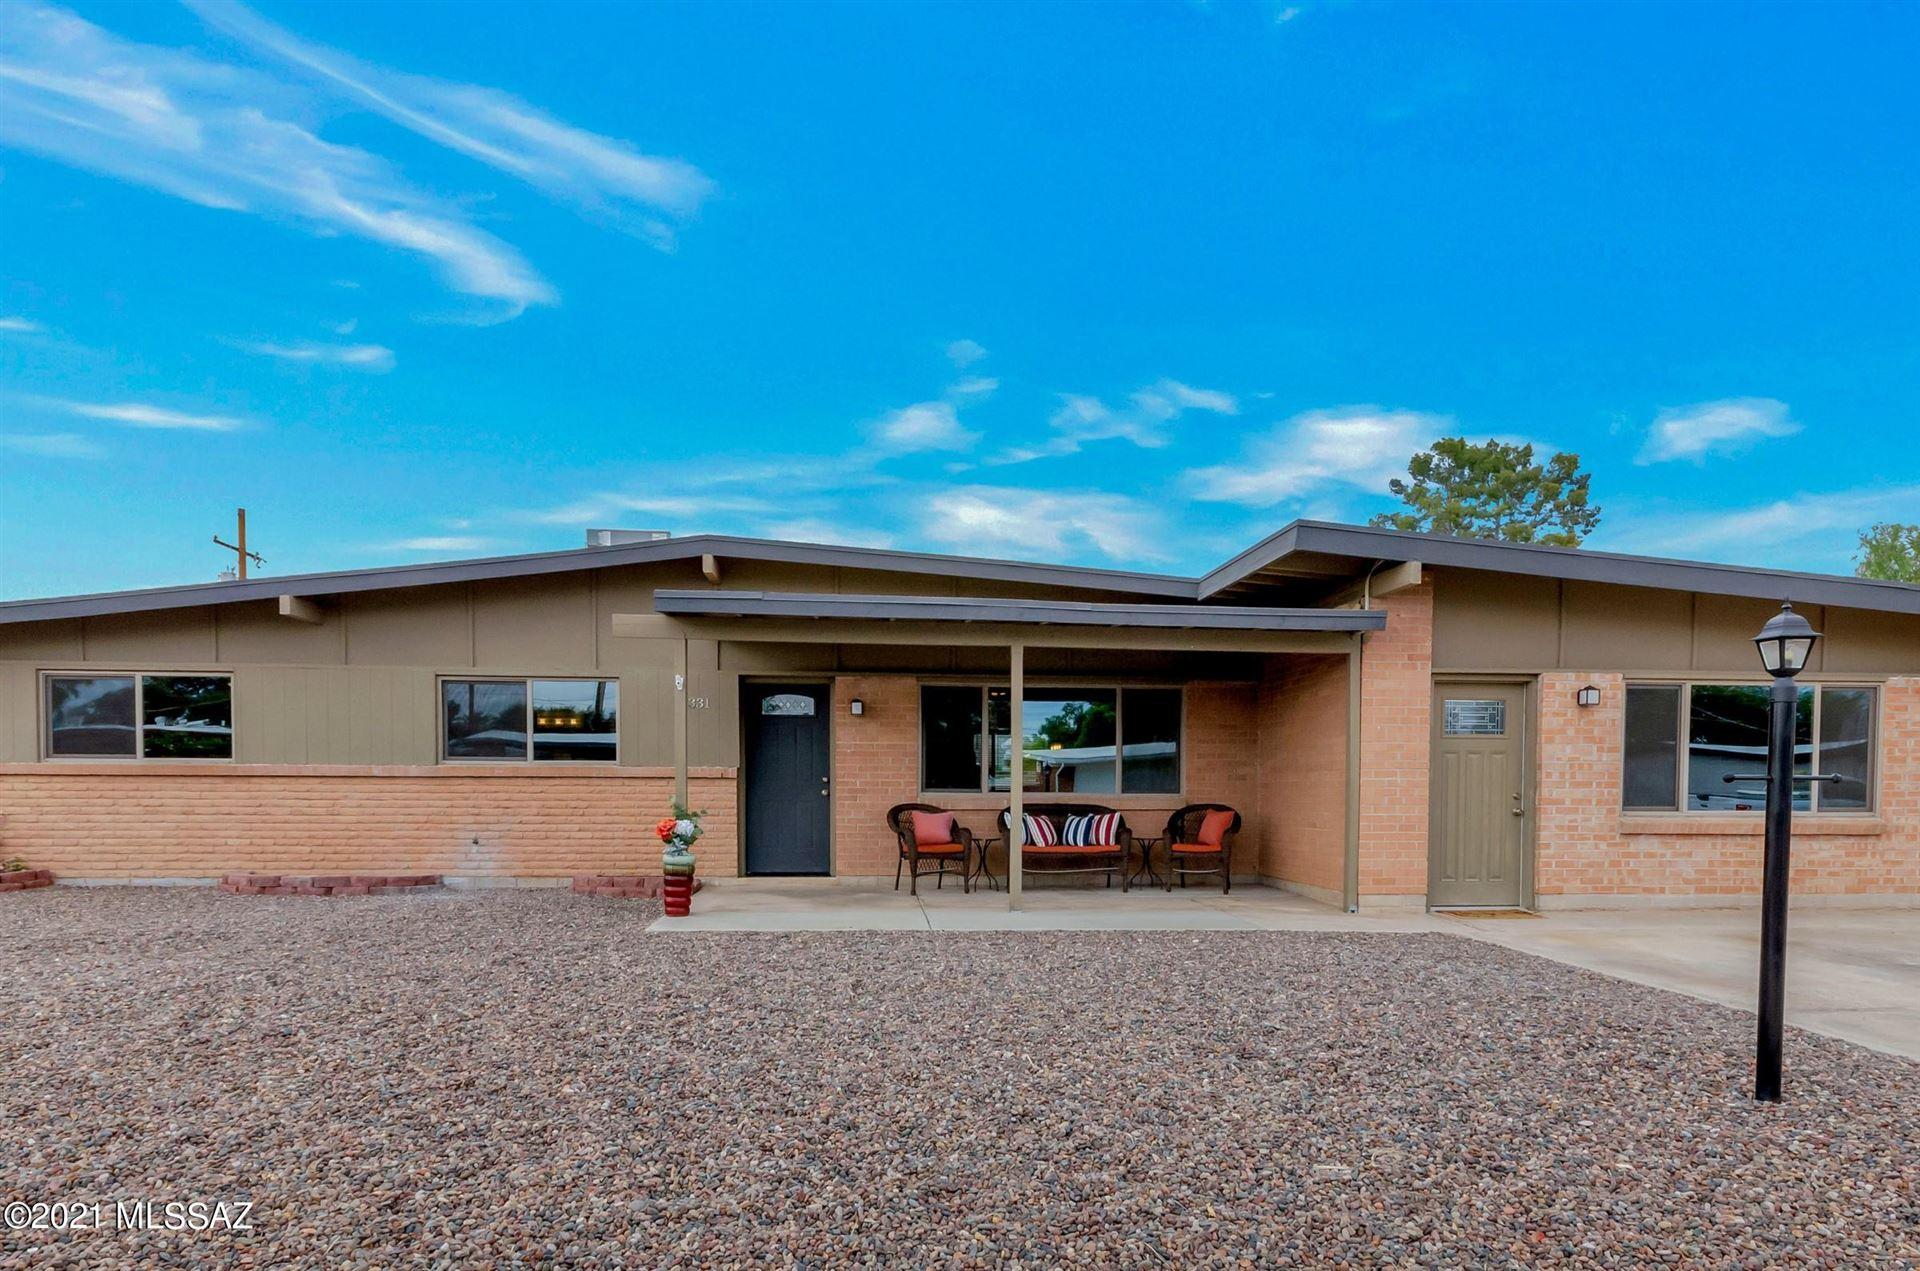 8331 E Shiloh Street, Tucson, AZ 85710 - MLS#: 22110935